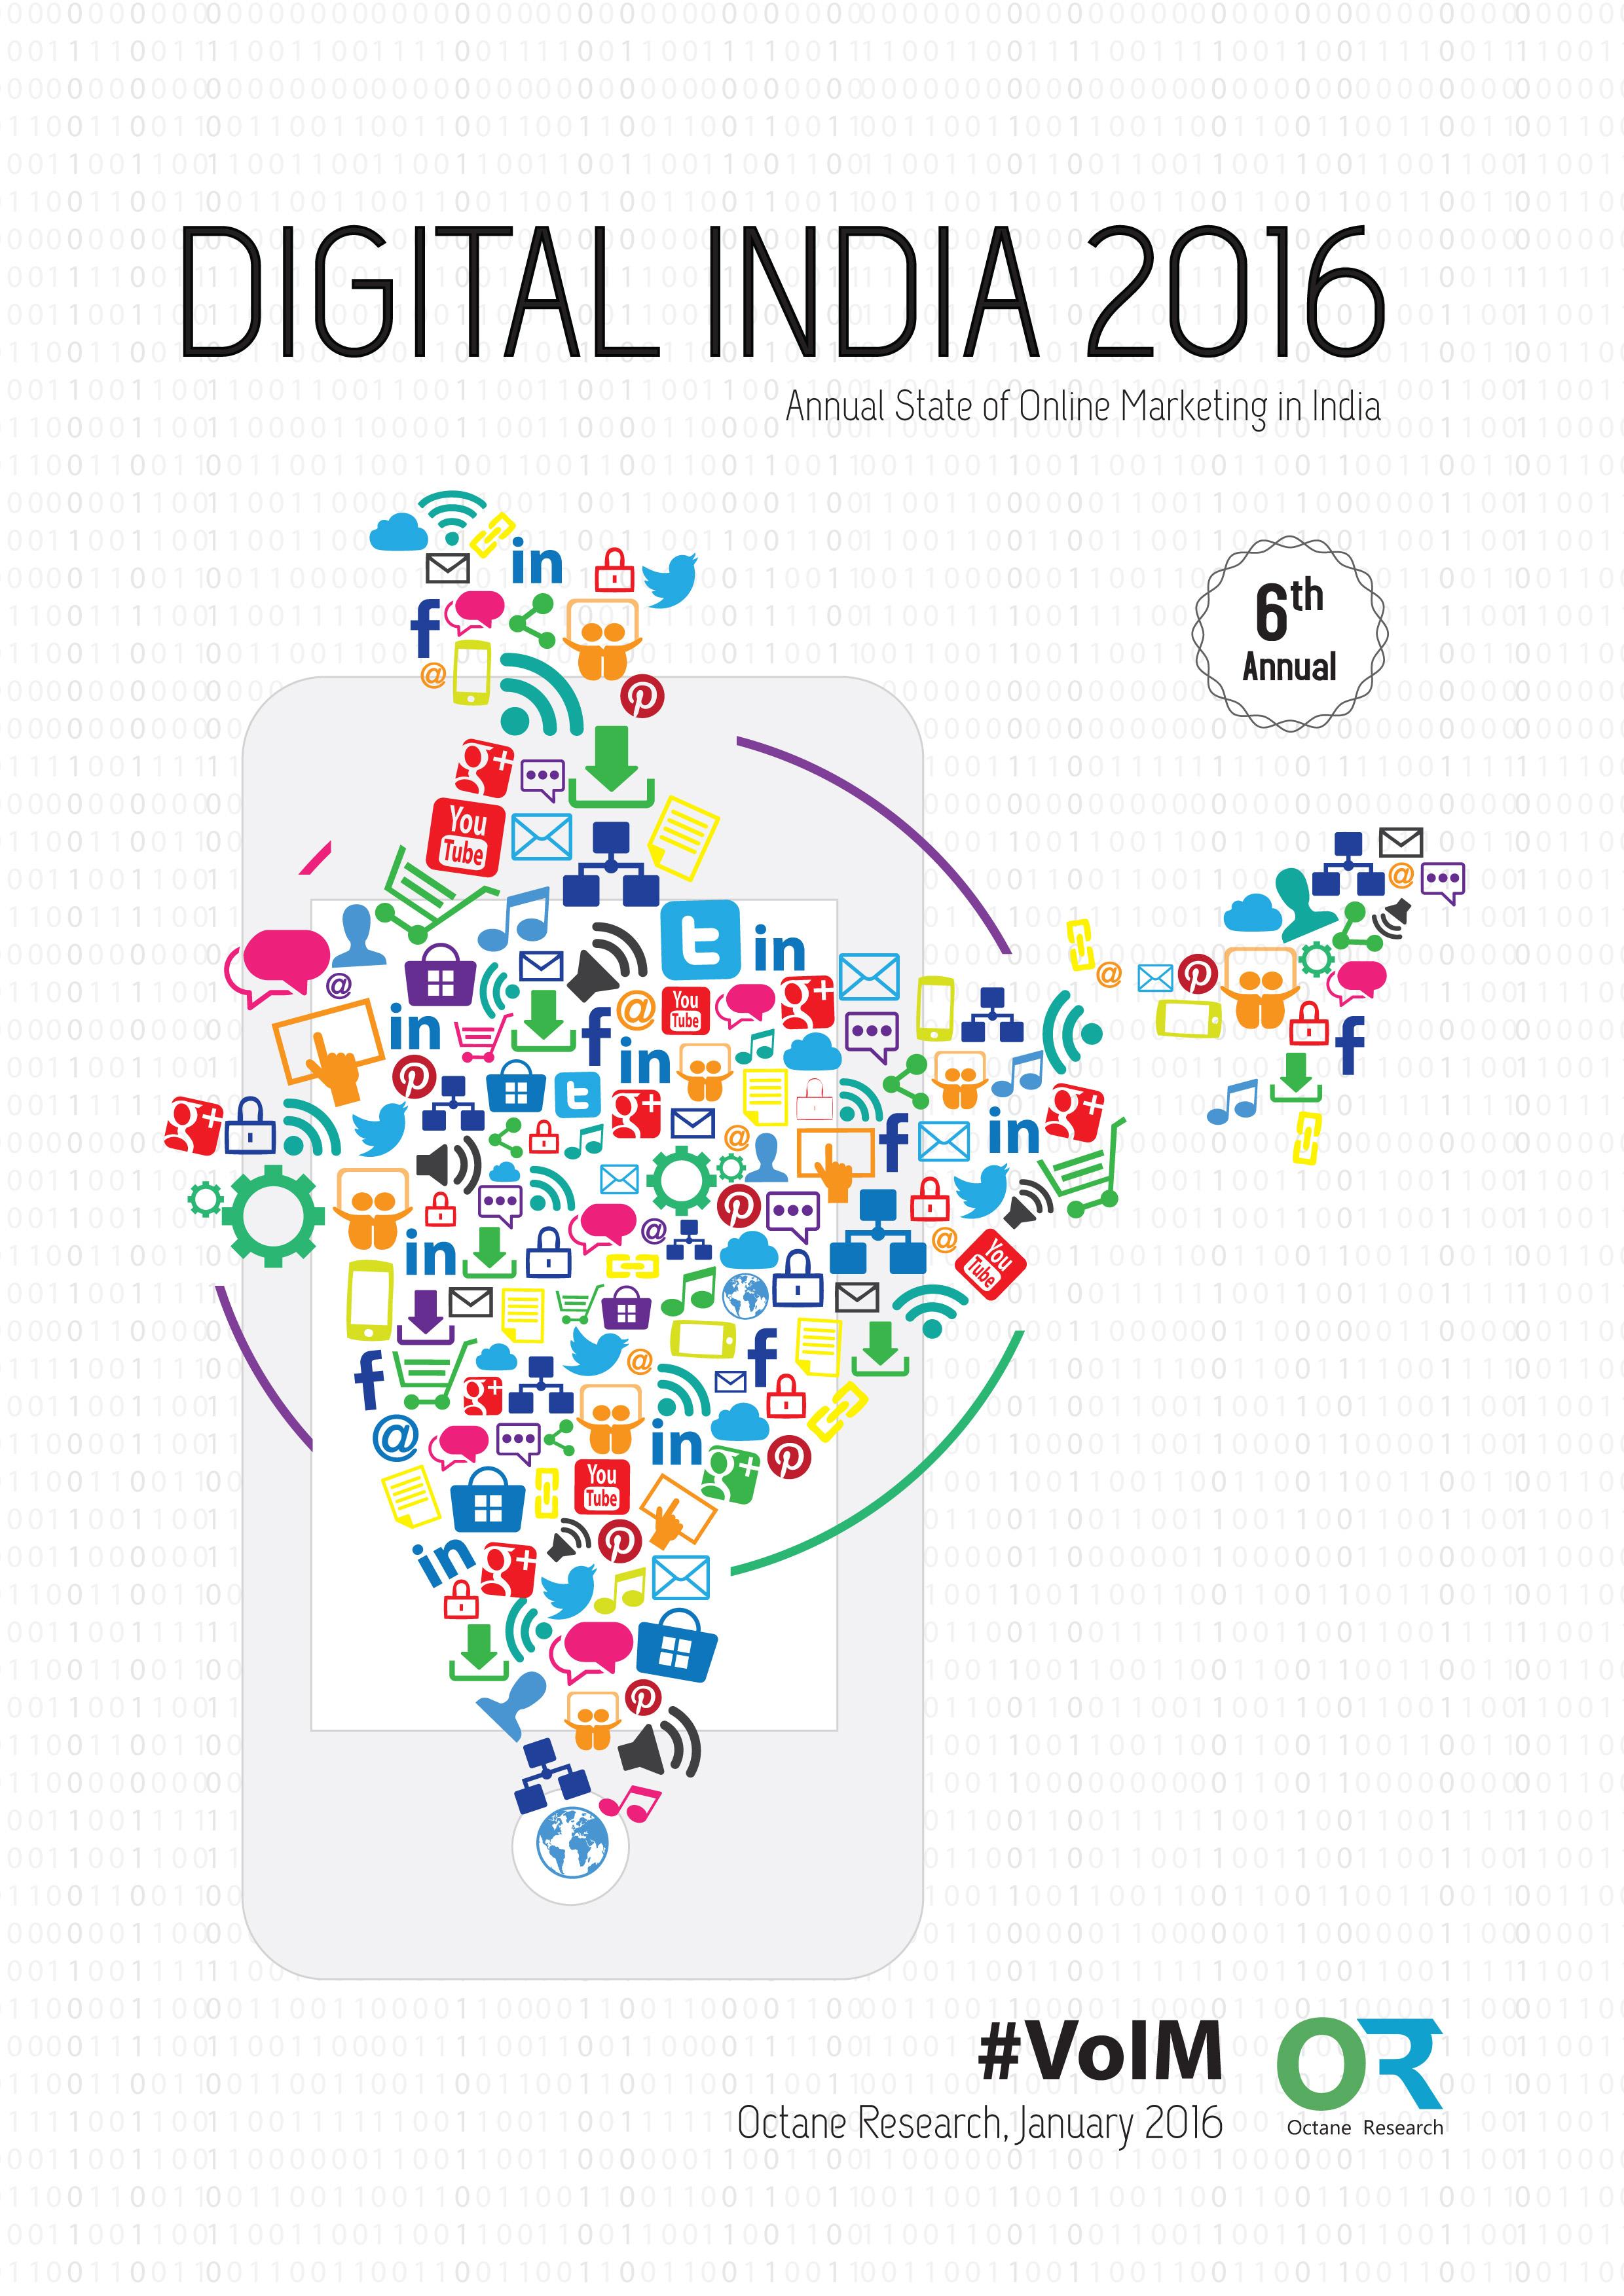 Digital India 2016